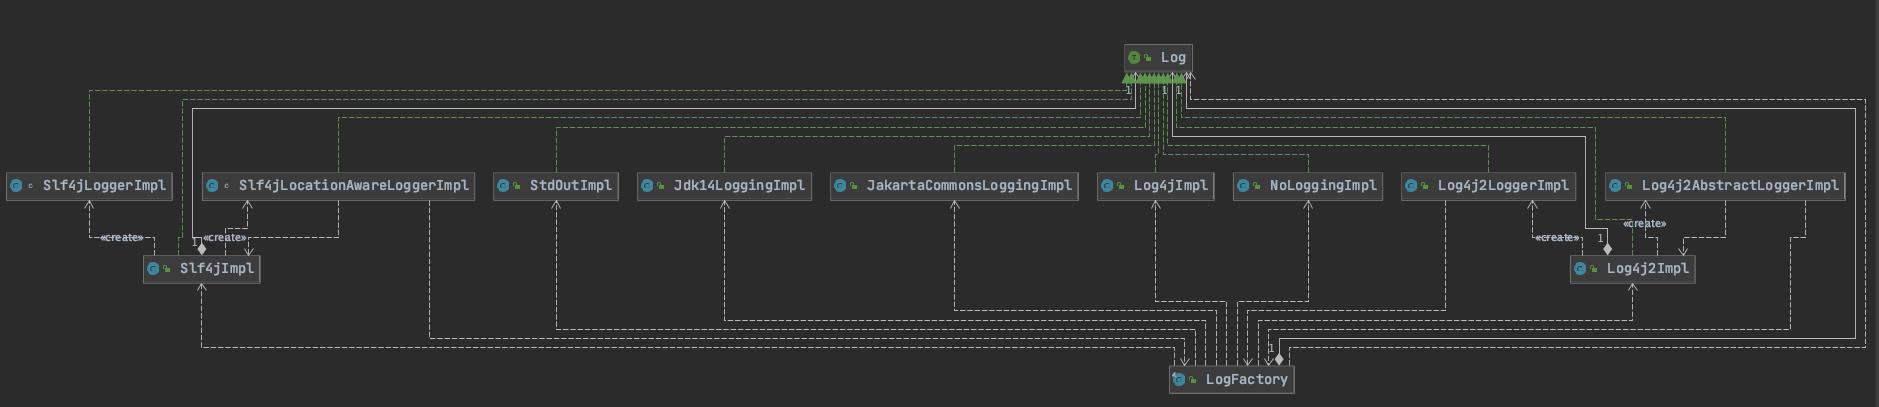 mybatis-log-architecture.png